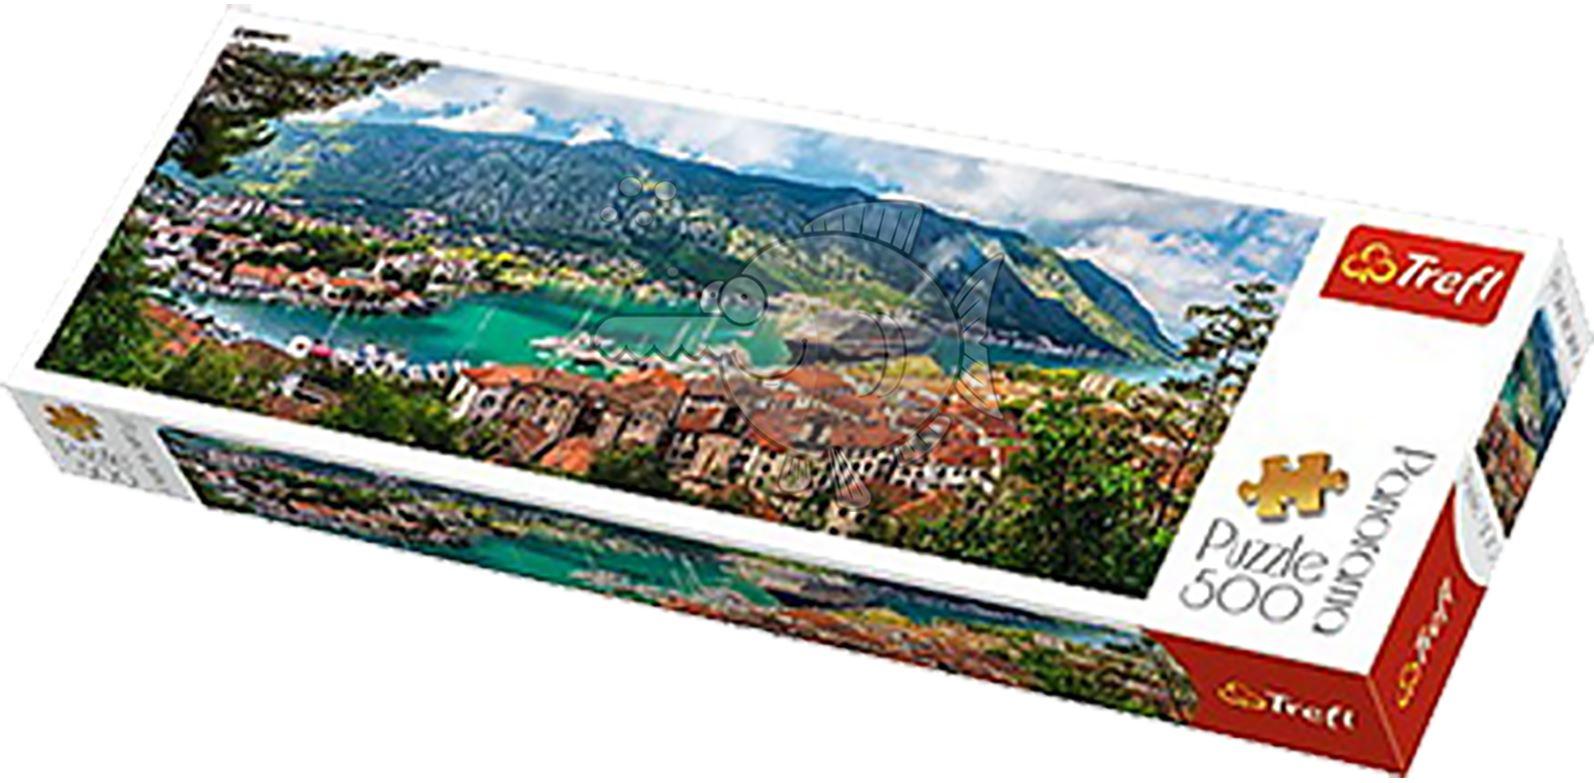 Trefl-300-500-1000-1500-2000-3000-4000-6000-Piece-Jigsaw-Puzzle-Paysages-Ville miniature 101